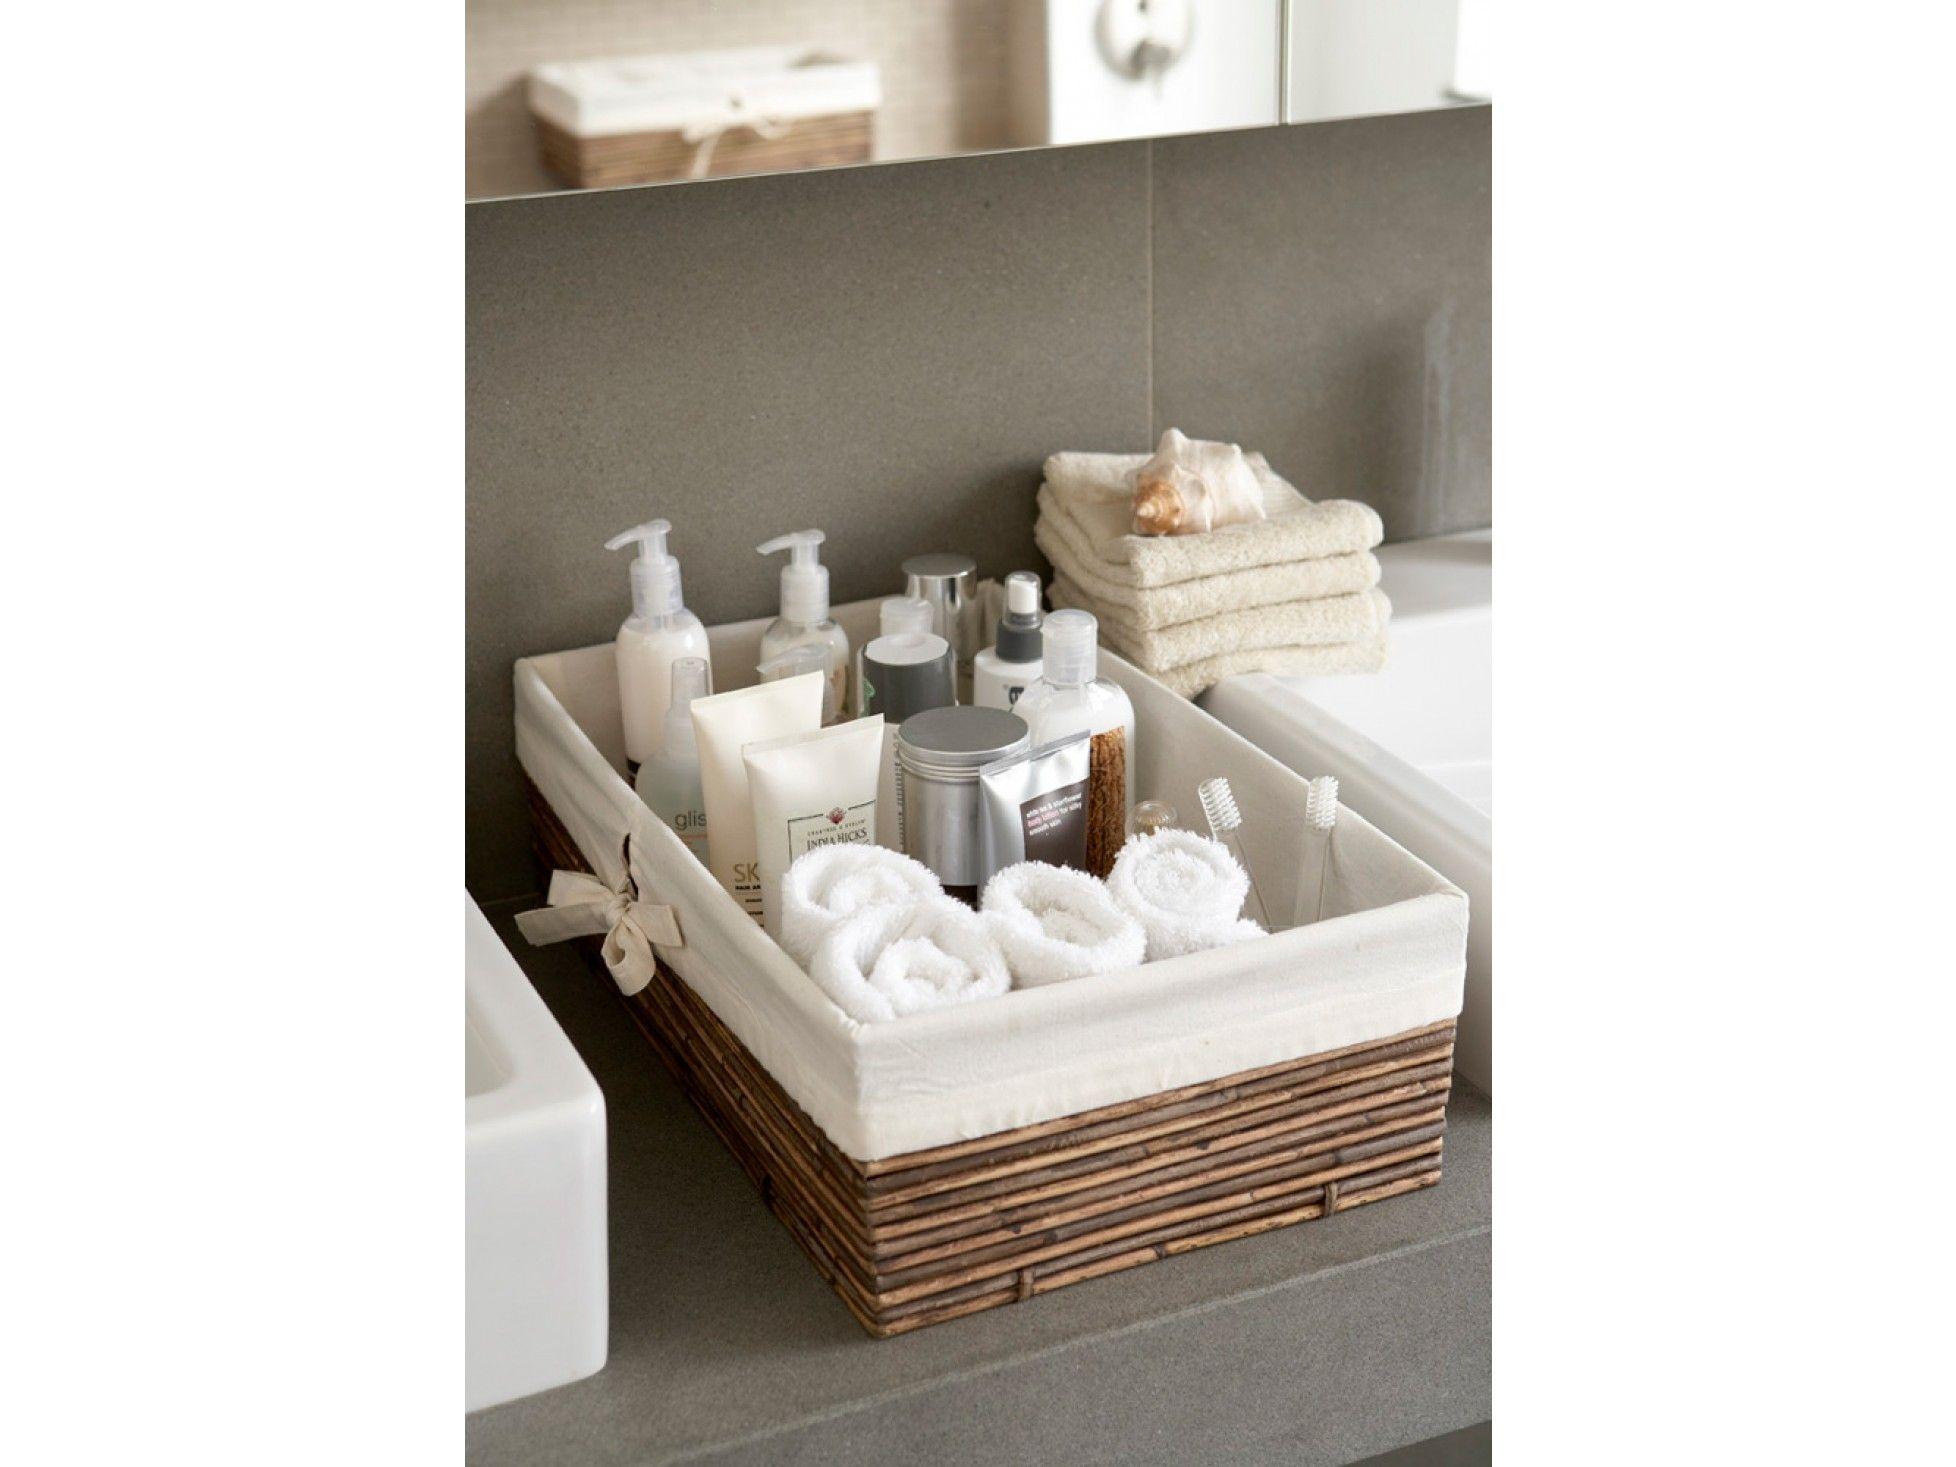 Shallow Lined Kobu Basket | Bathroom Upgrades | Pinterest | Shallow ...